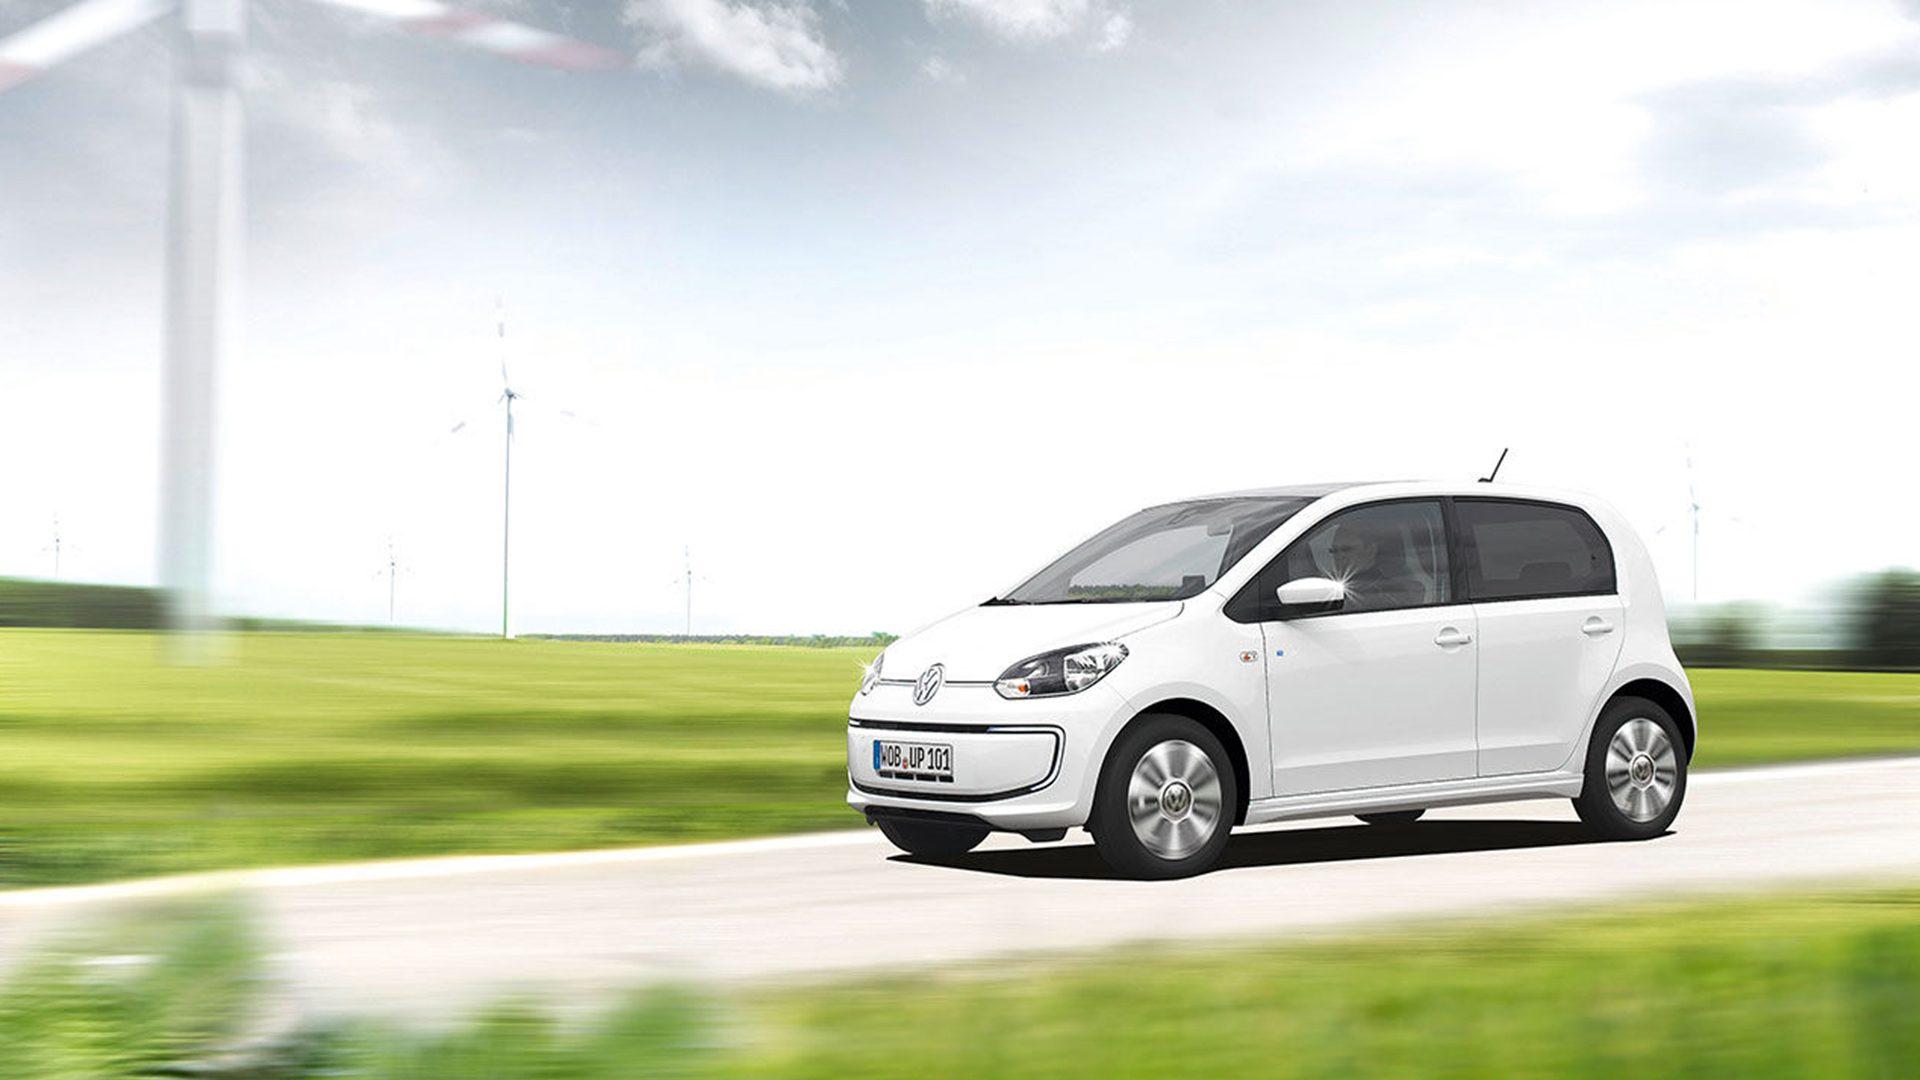 En Volkswagen up! kör på en väg med vindkraftverk i bakgrunden